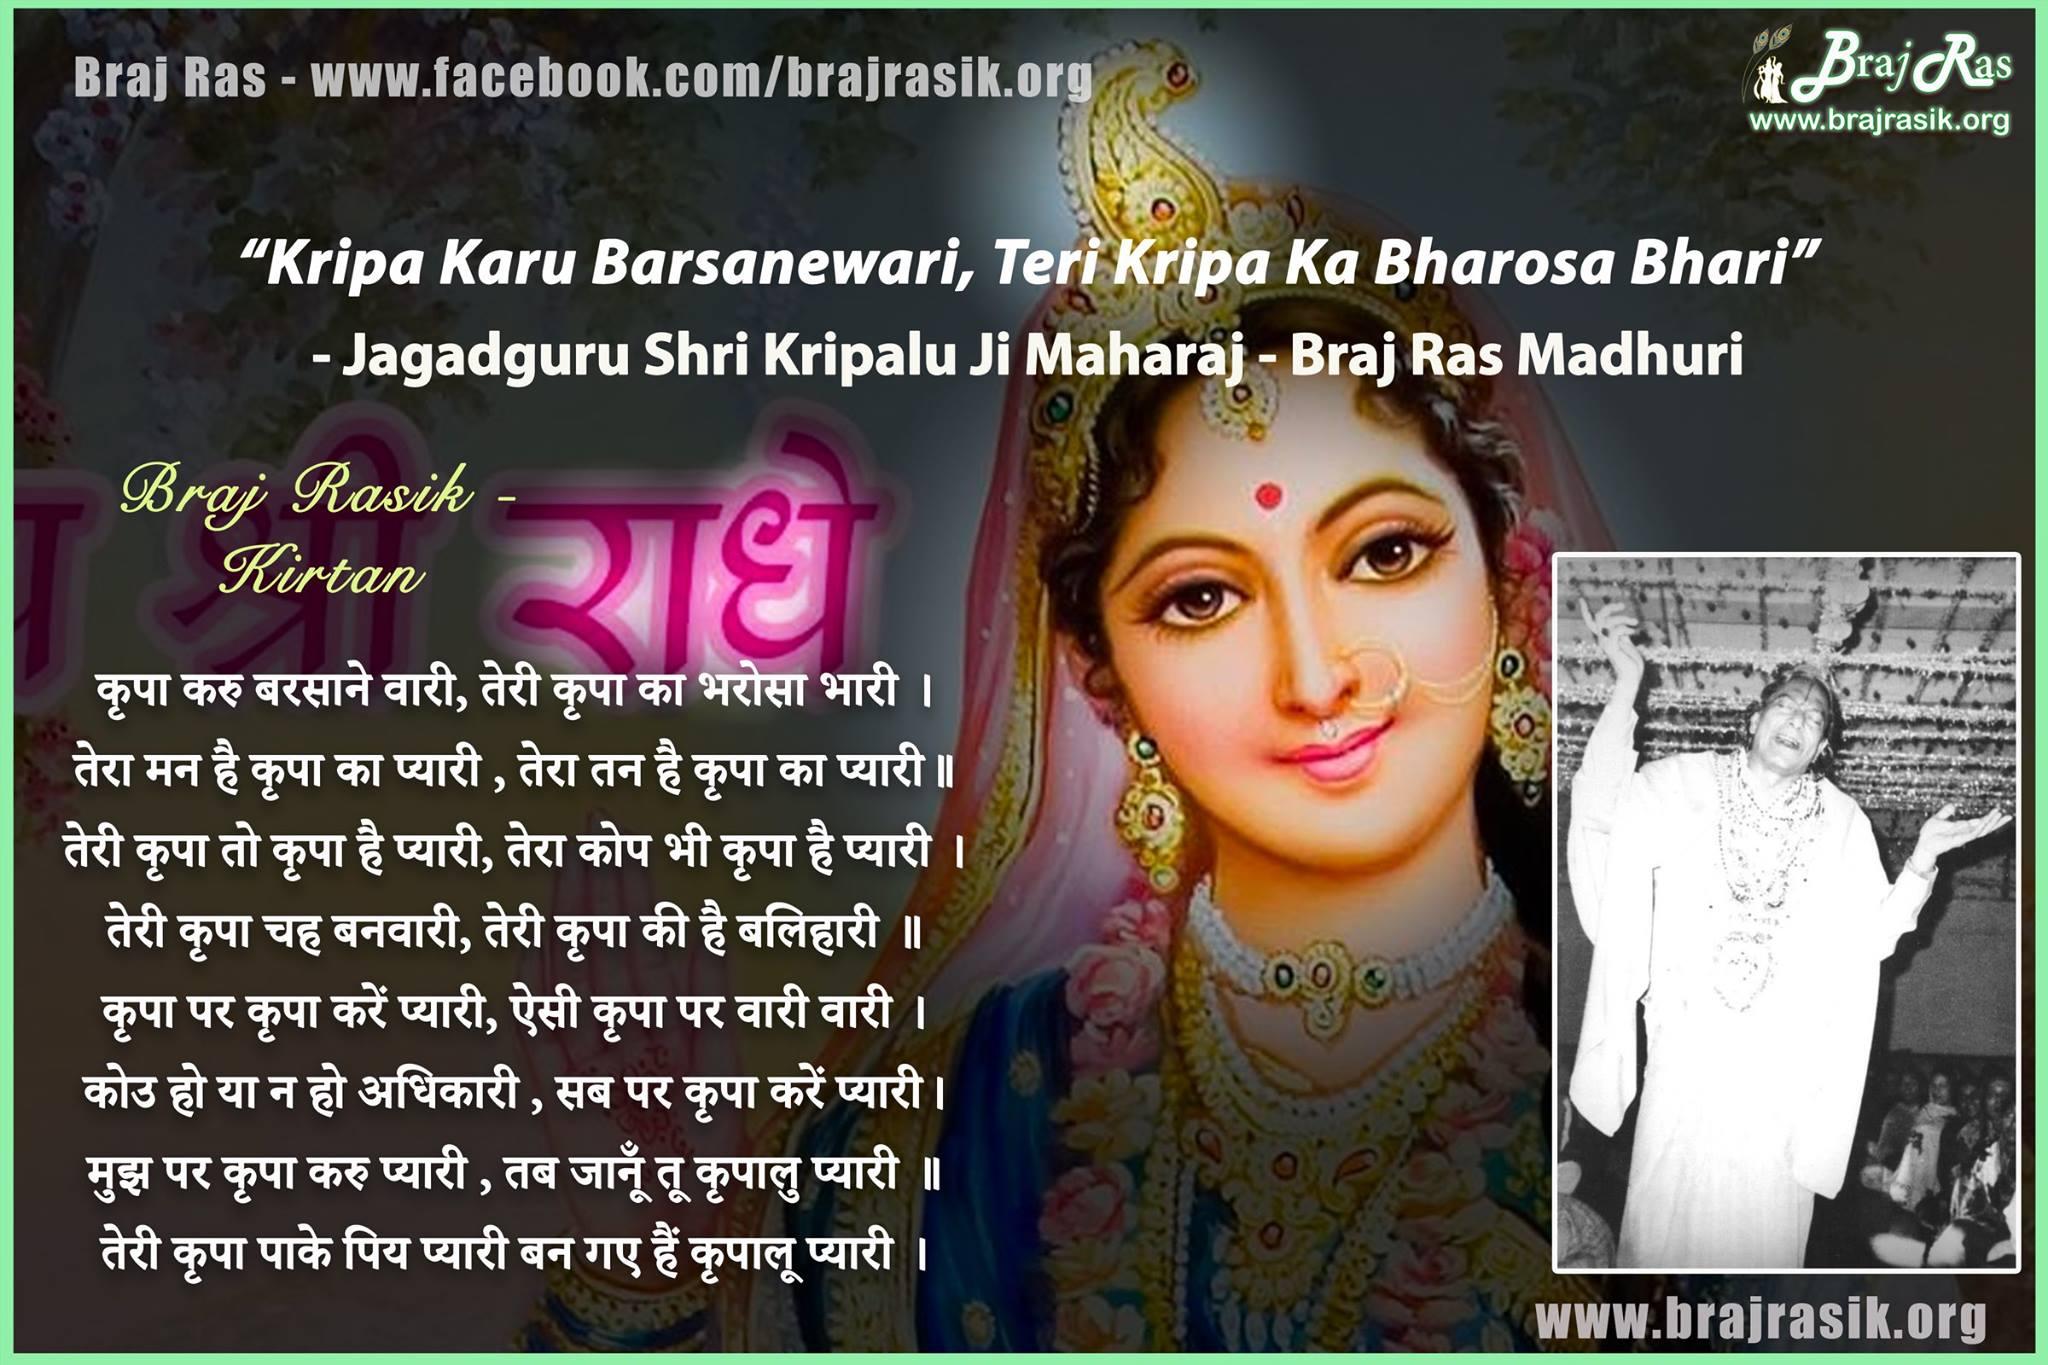 Kripa Karu Barsane Vari- Kirtan By Jagadguru Shri Kripalu Ji Maharaj, Braj Ras Madhuri